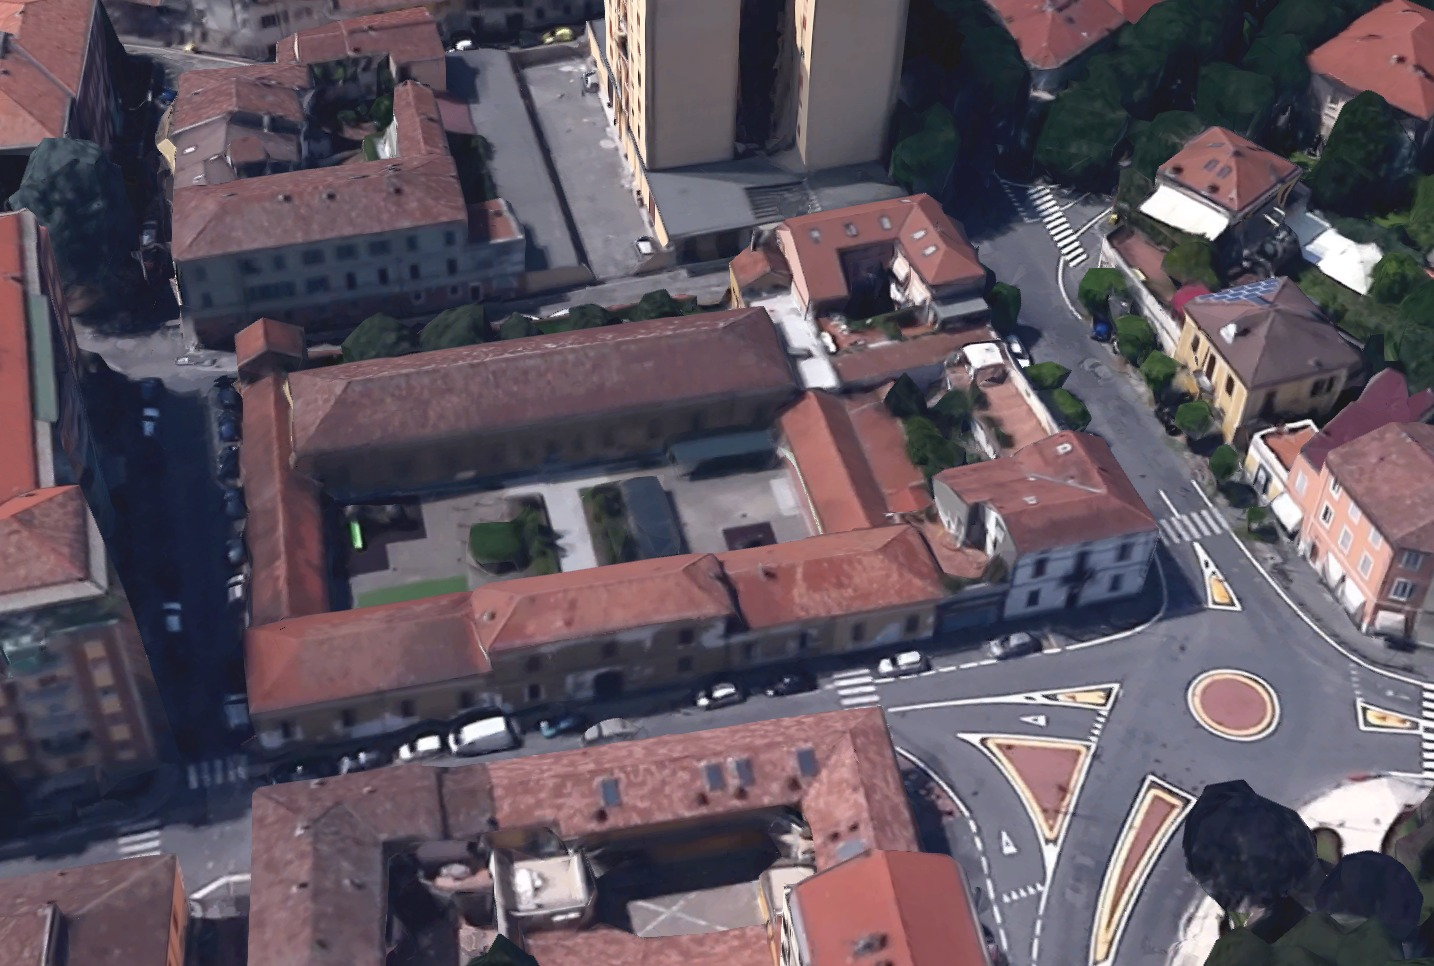 Scuola Infanzia Castello, via ai lavori di manutenzione del tetto